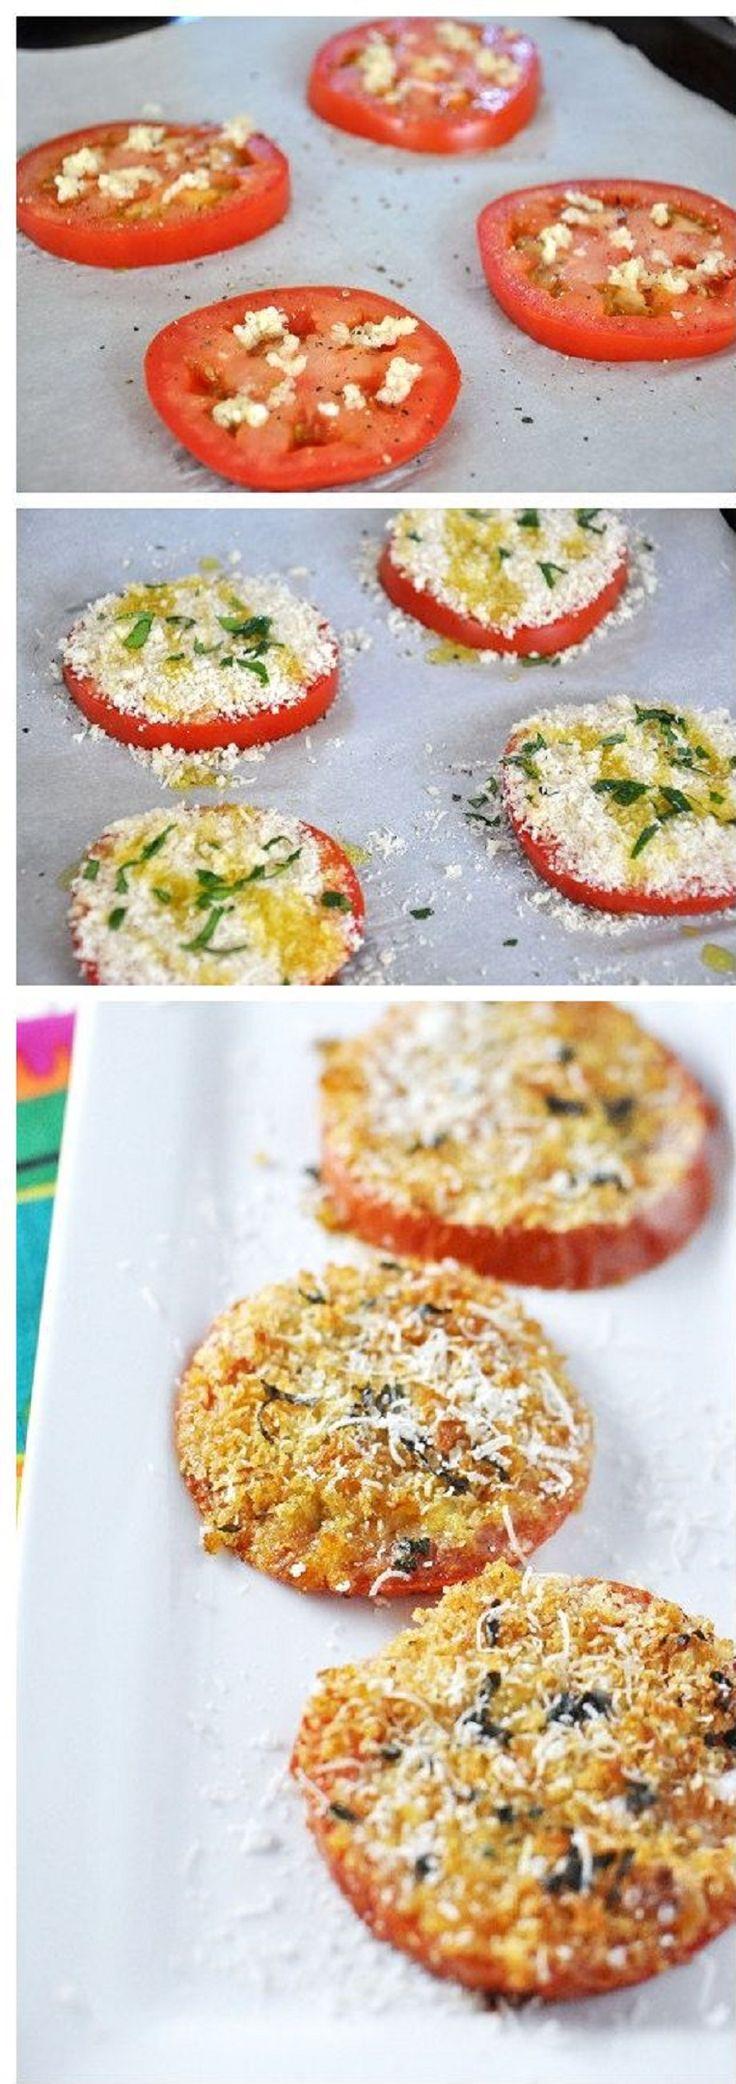 Easy Baked Cheesy Garlic Bread Tomatoes - 15 Easy Tomato Recipes | GleamItUp